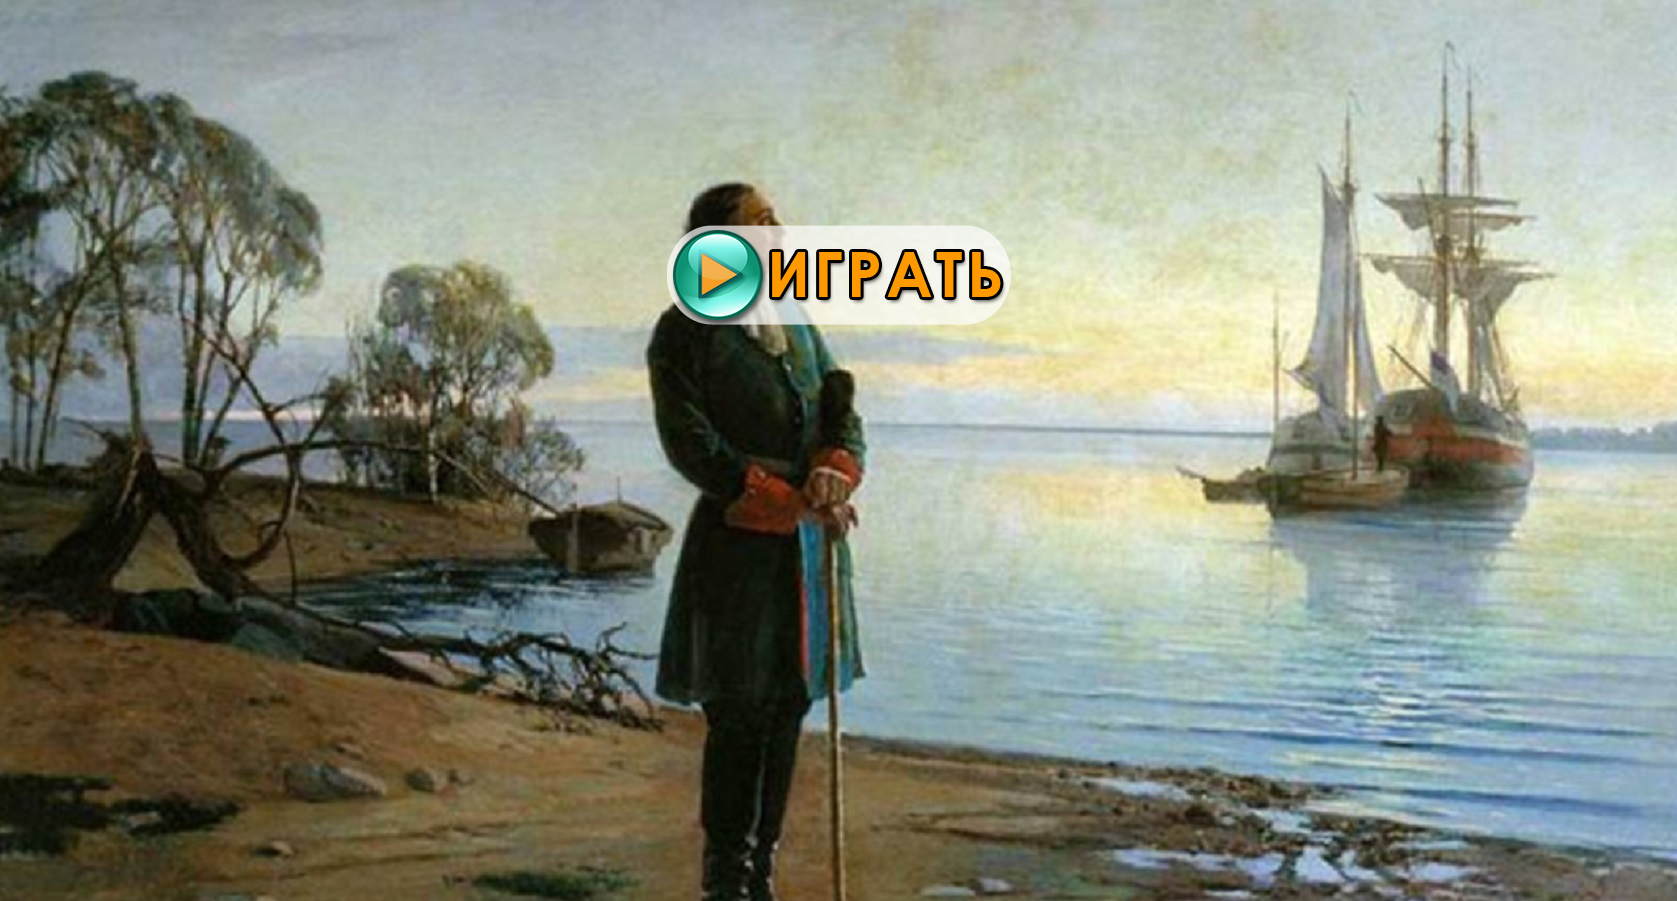 Биография Петра Великого - новый текстовый квест от zhivotiki. Играть онлайн.